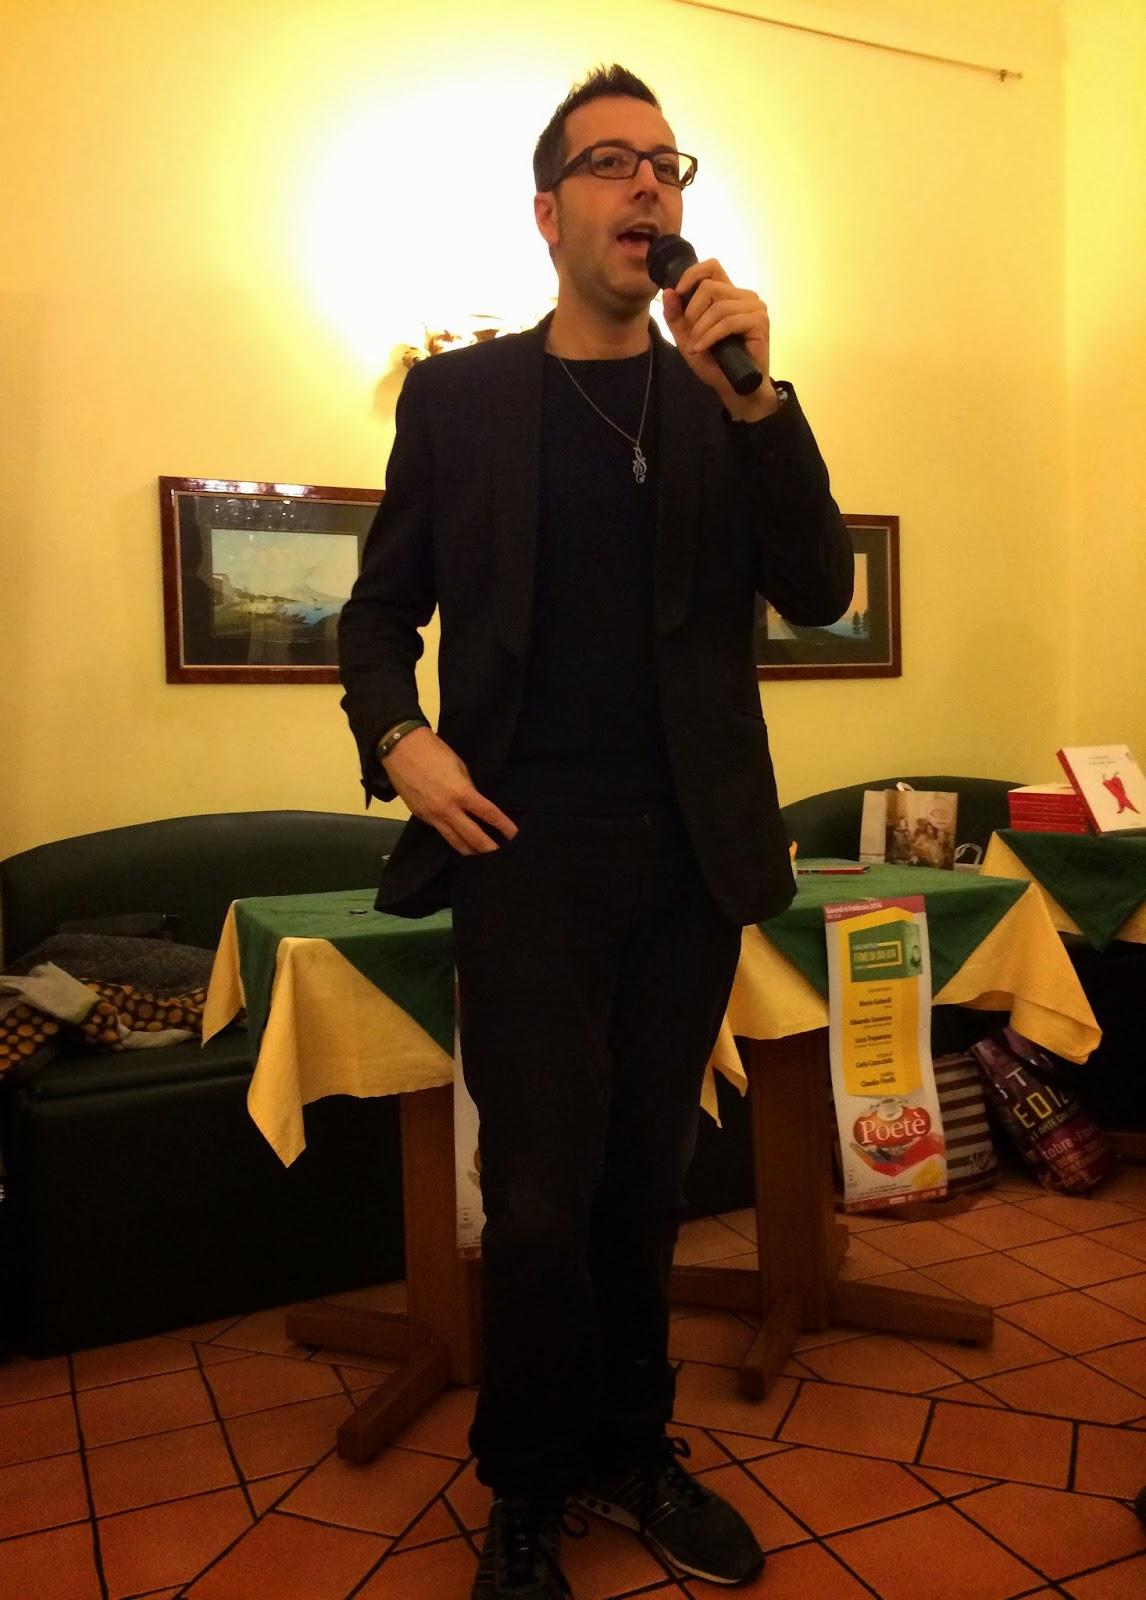 Luca_Bianchini_Io_che_amo_solo_te_La_cena_di_Natale_Polignano_a_Mare_Puglia_Mimì_Ninella